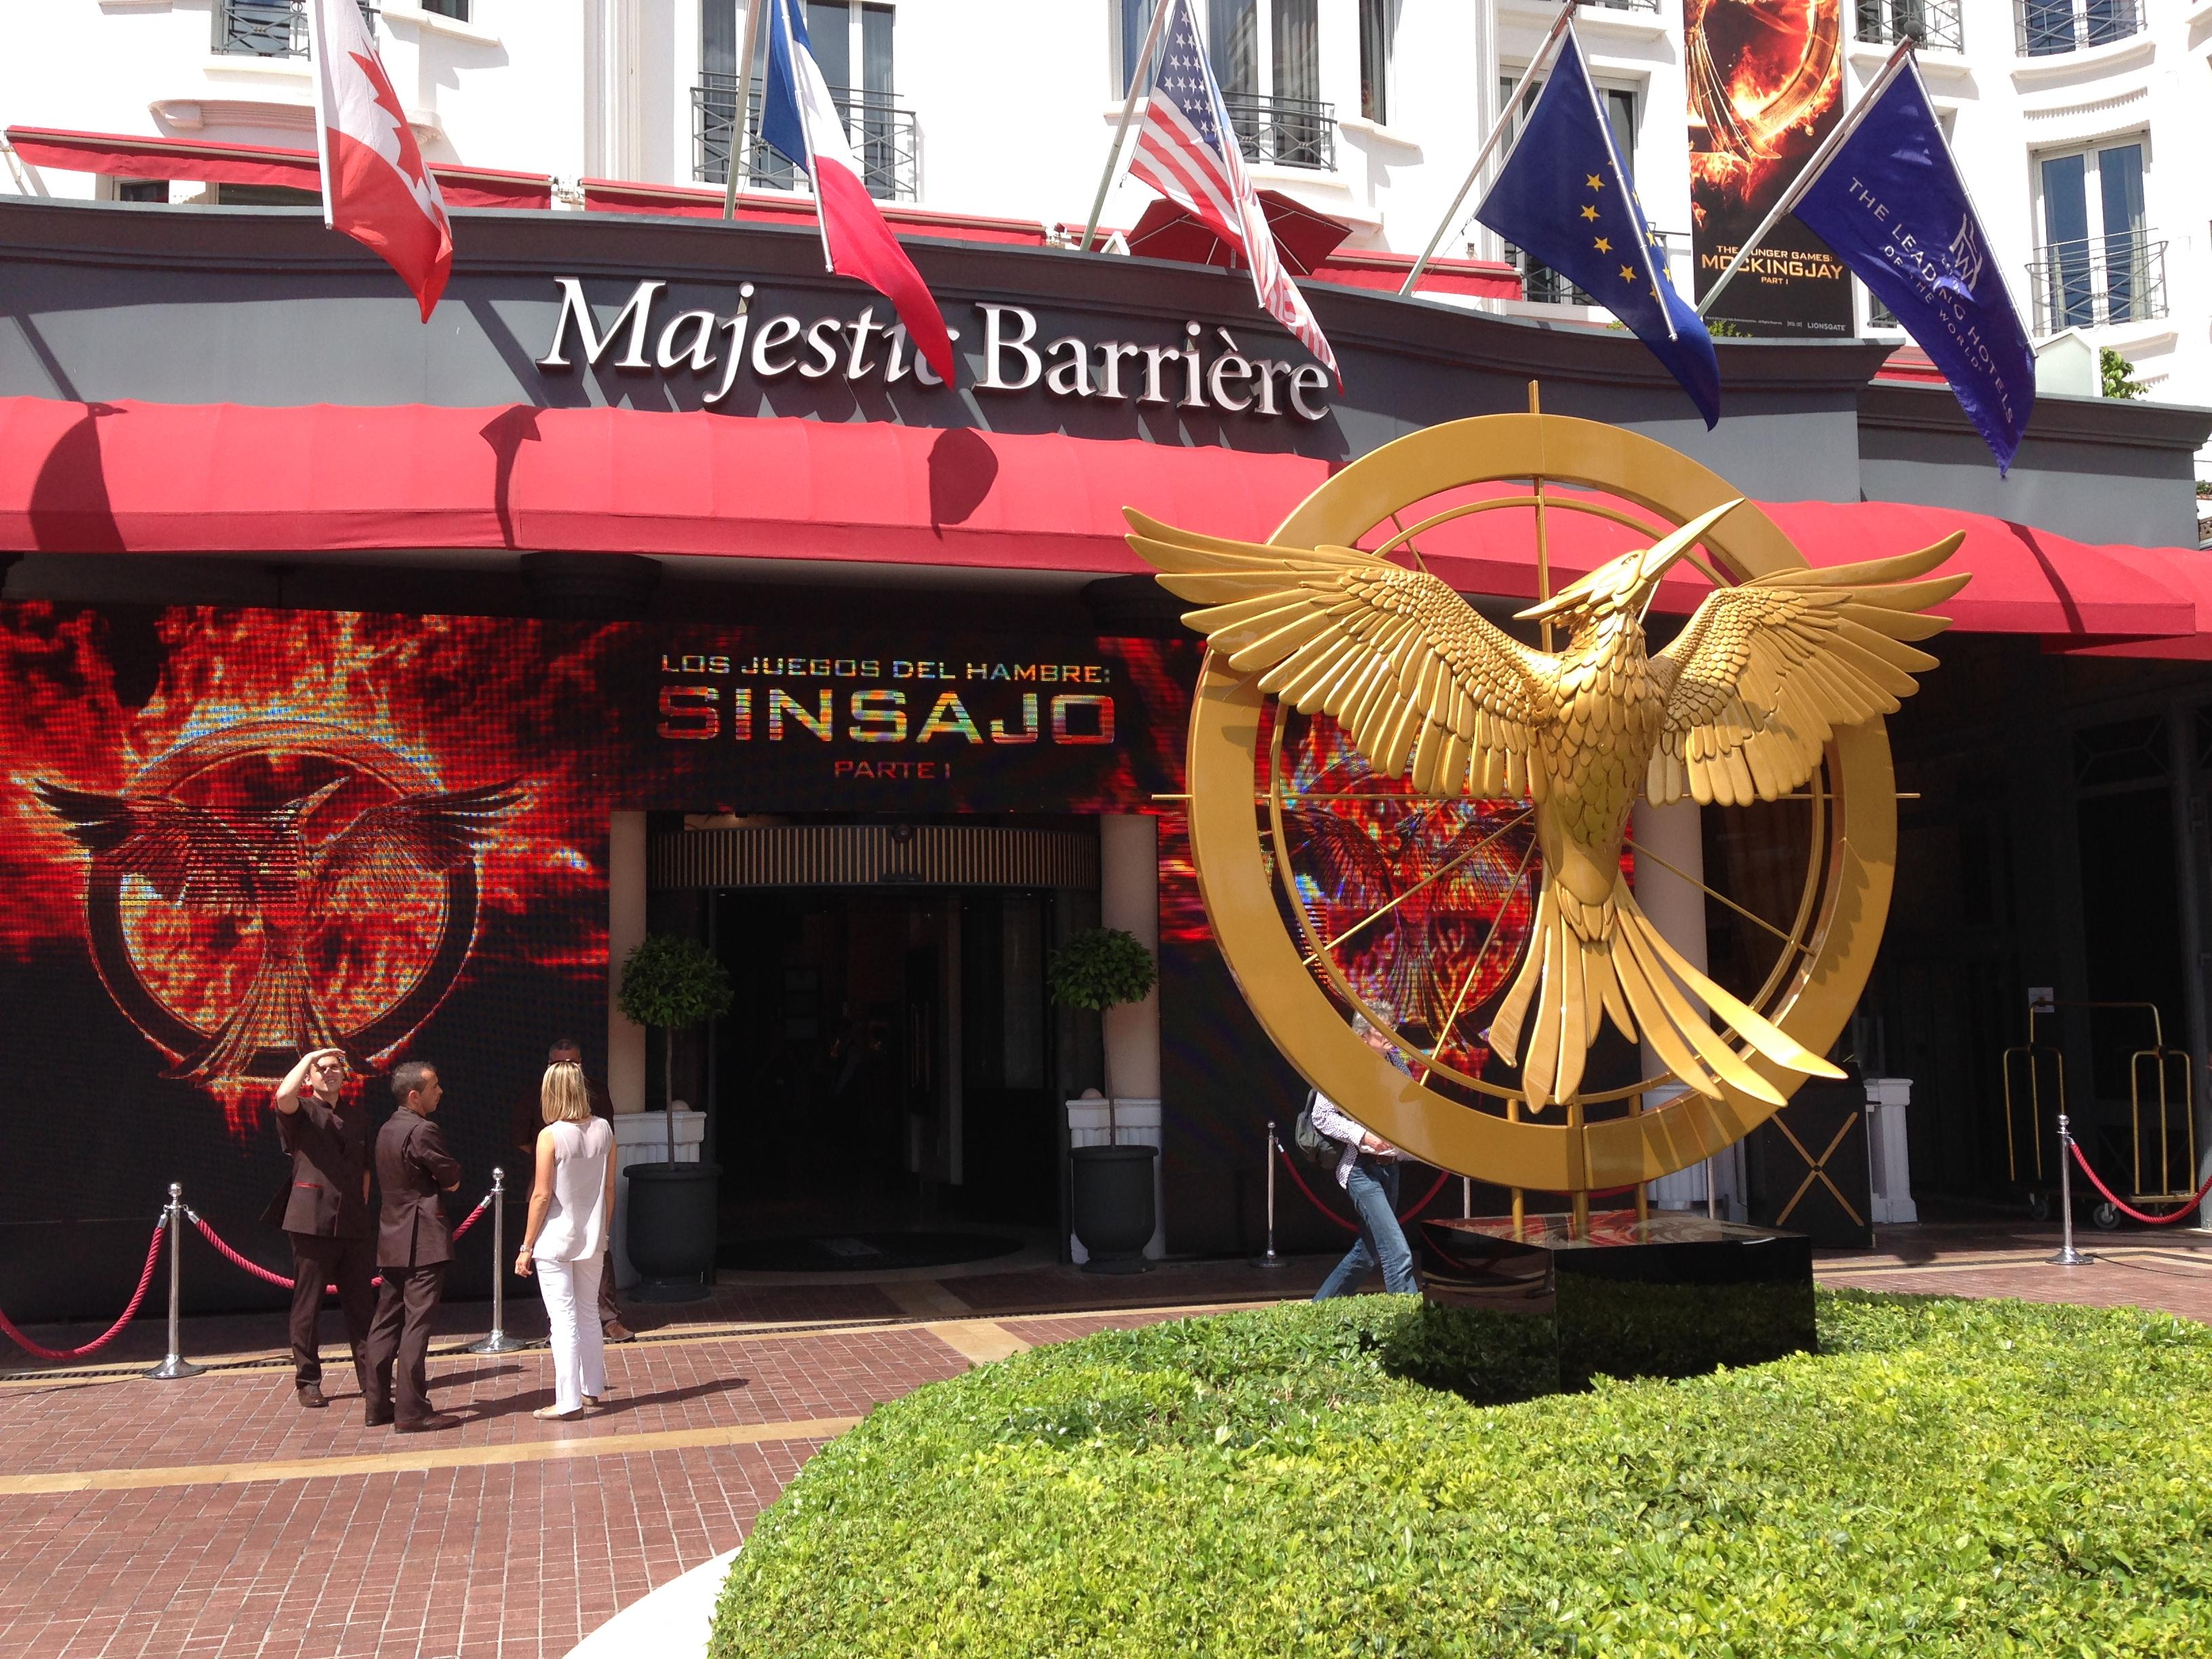 Hunger Games e il canto della rivolta è uno dei film più pubblicizzati di Cannes 2014, qui siamo all'entrata del Majestic